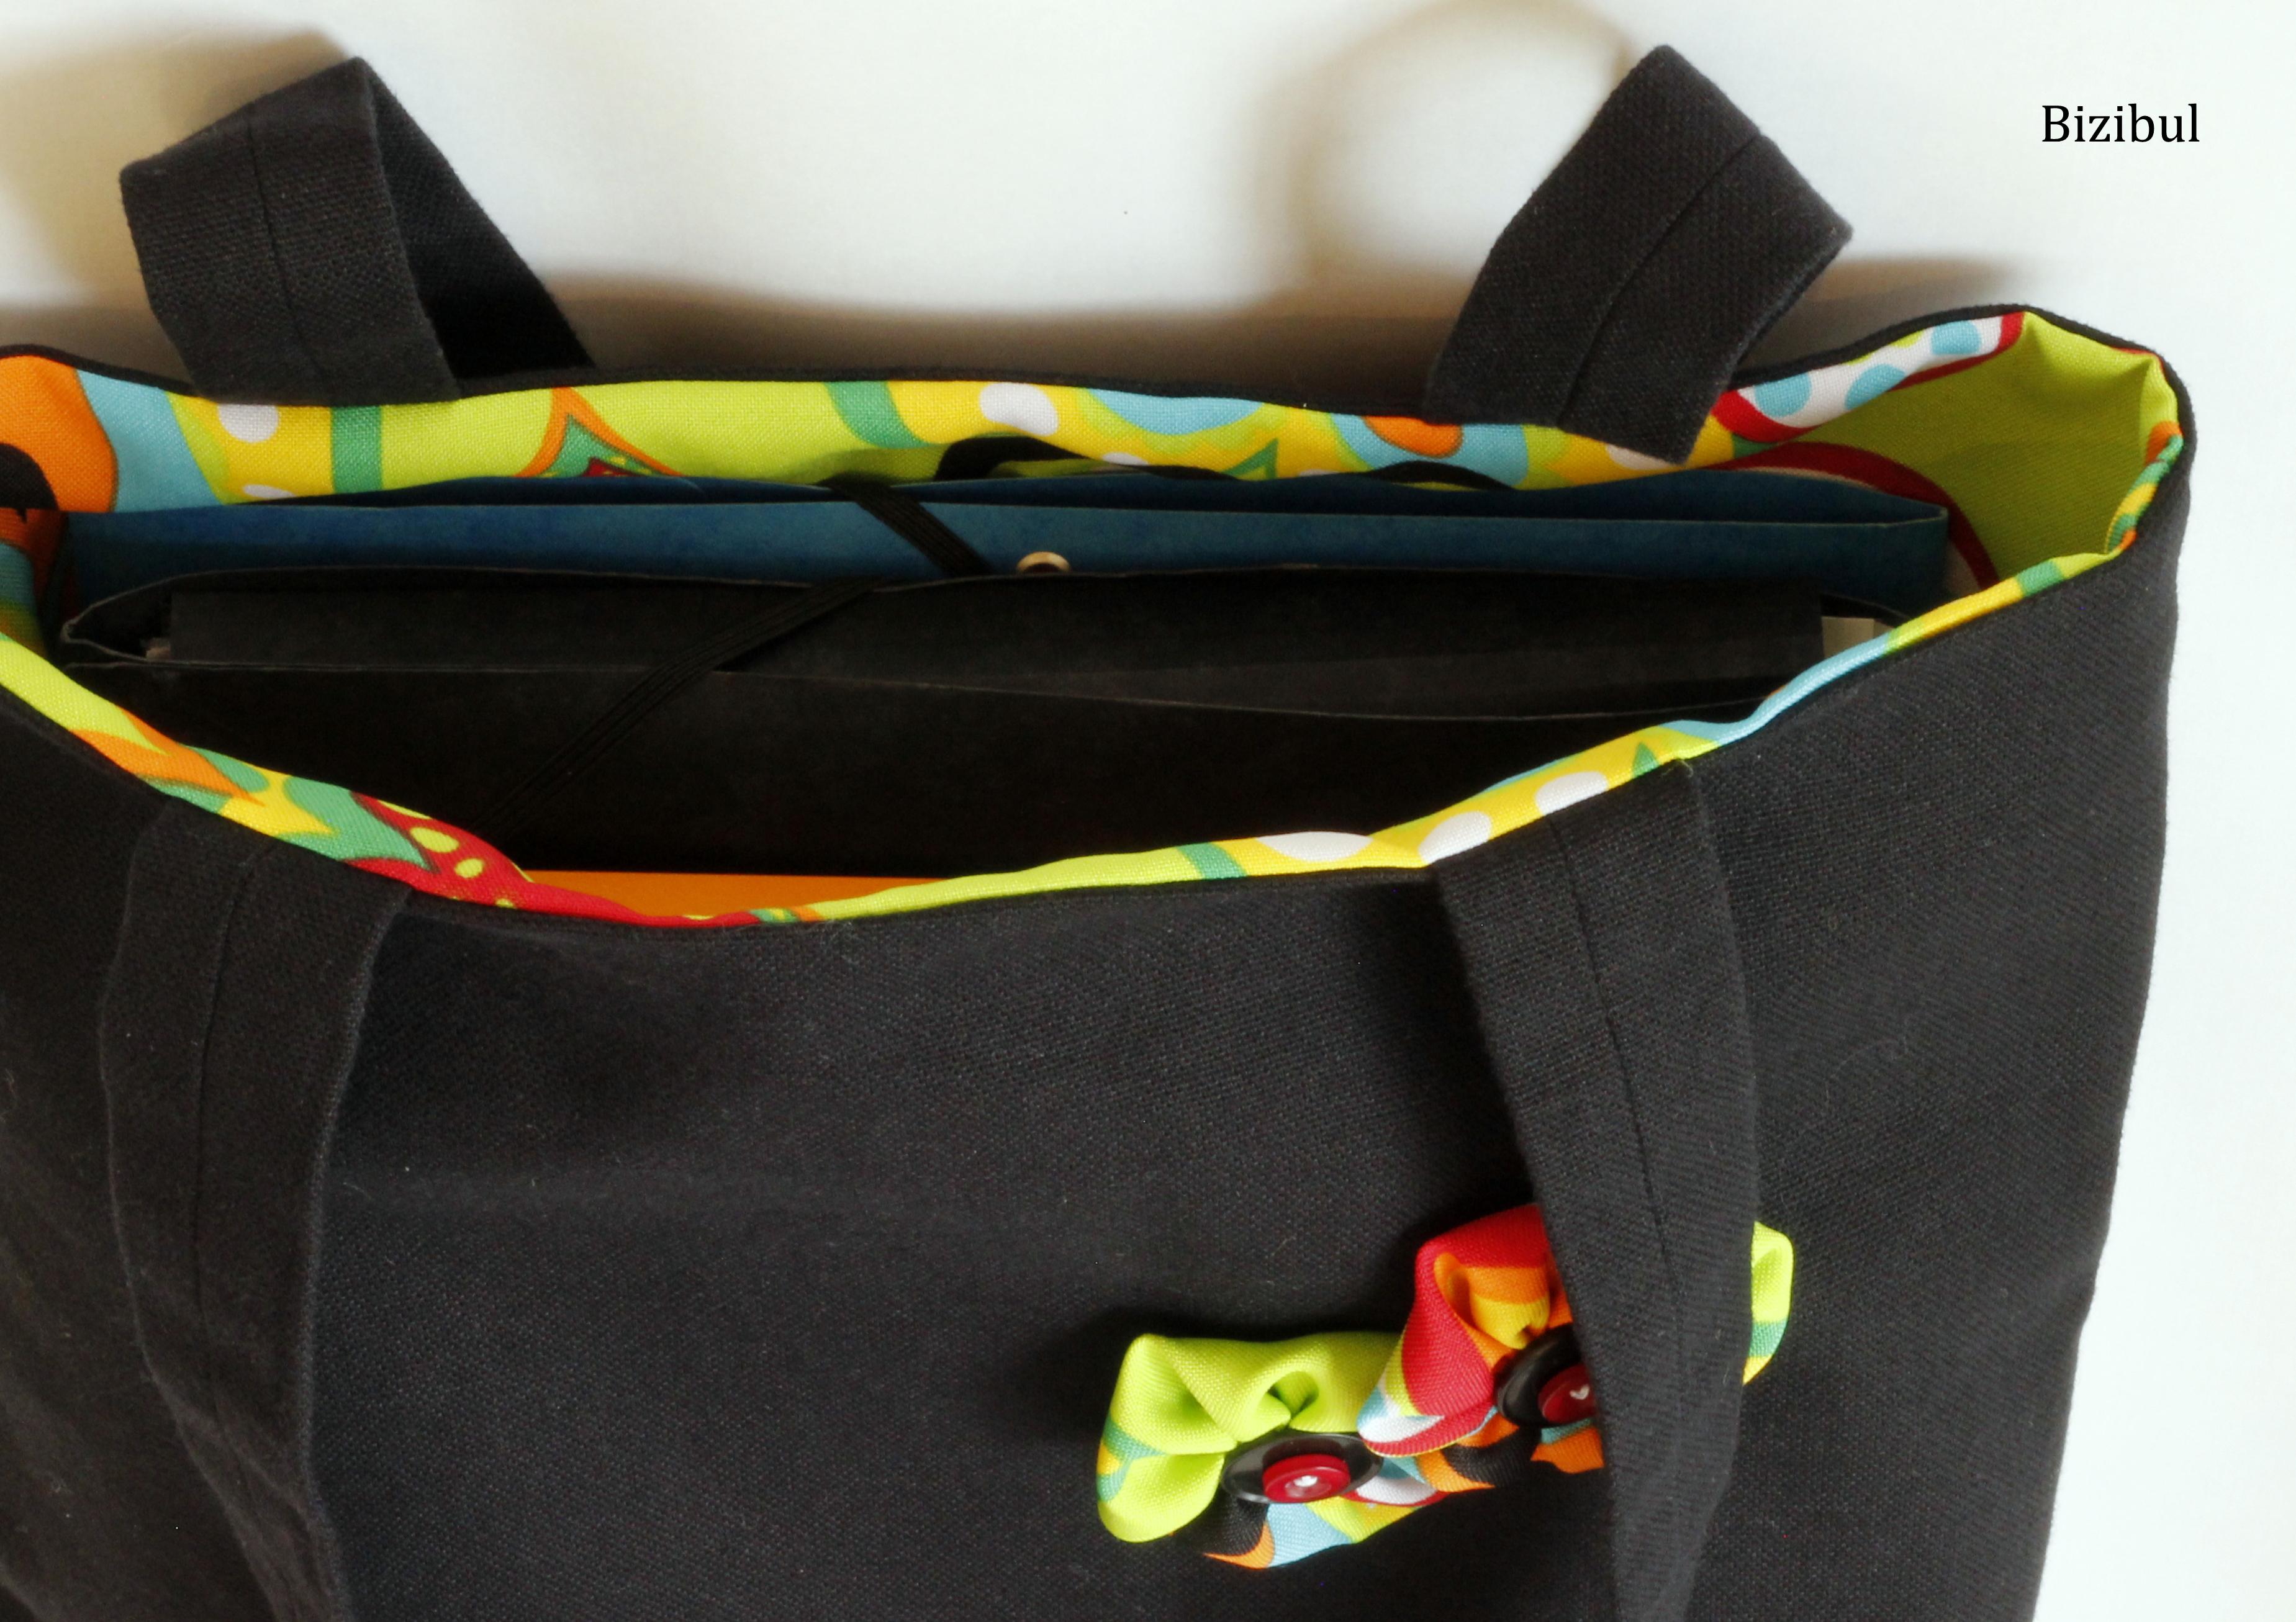 Cours de couture le tote bag bizibul - Cours de couture nantes ...